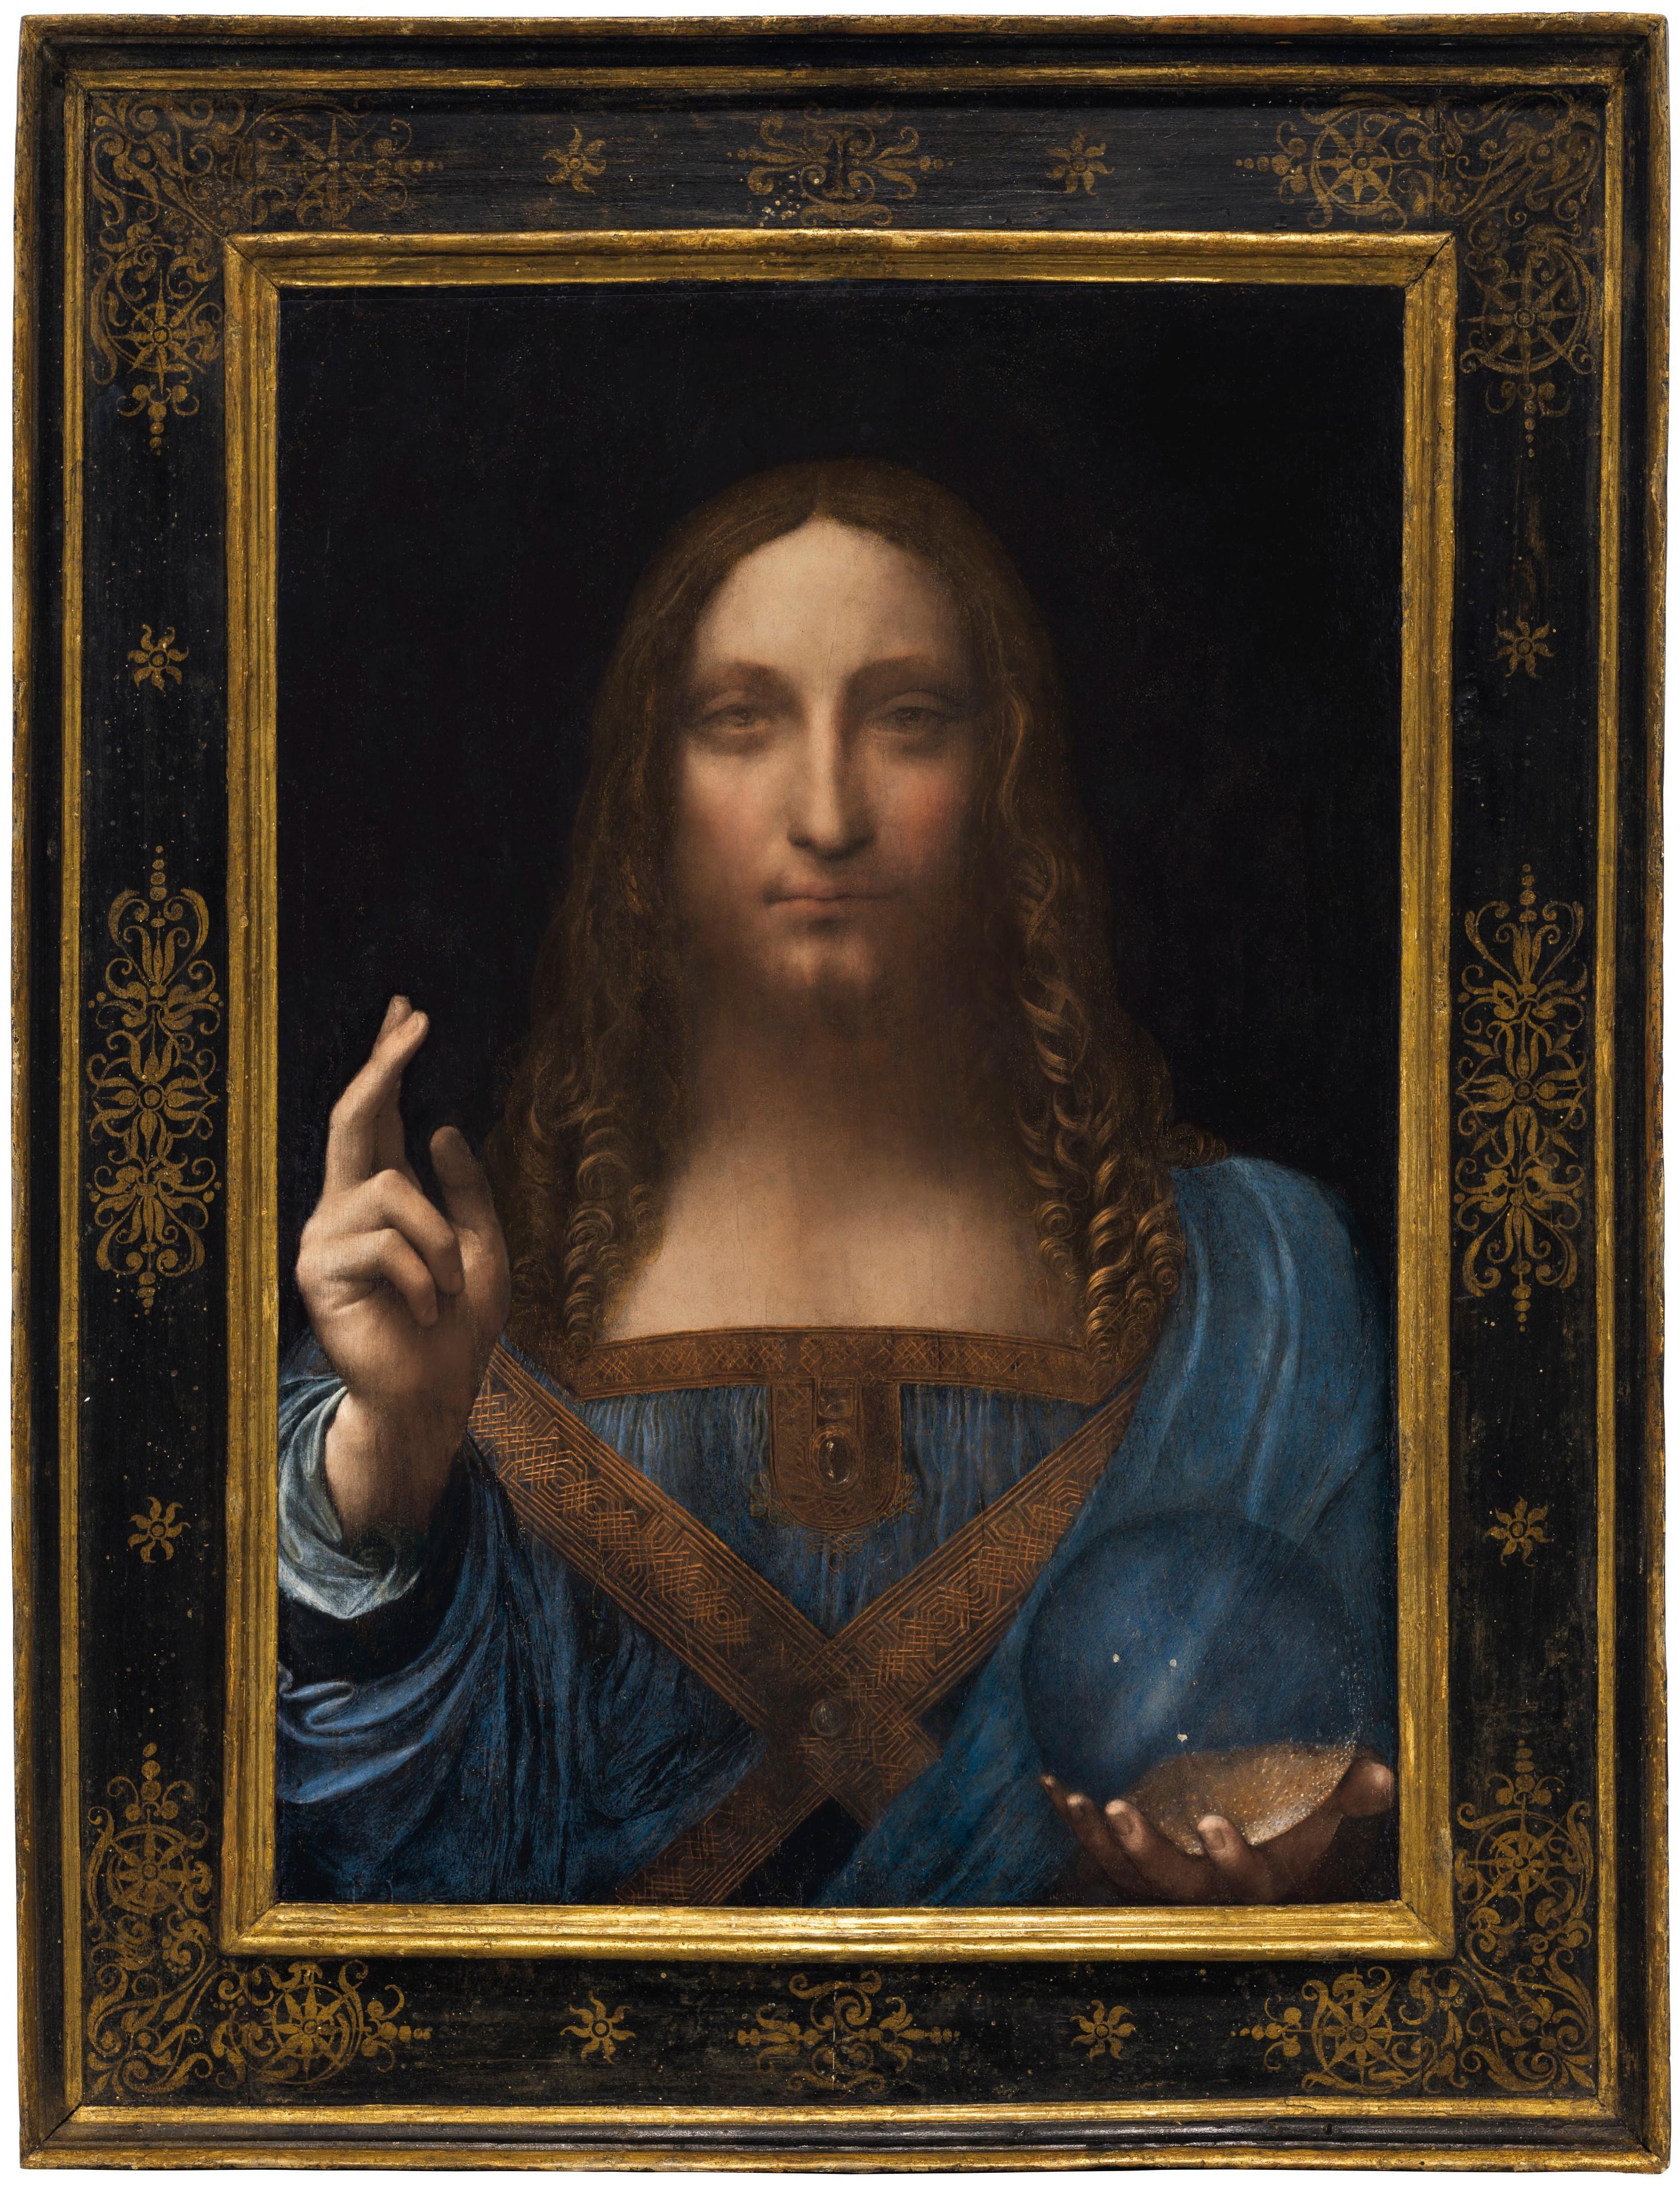 durer sex albrecht rennaissance Leonardo d Vinci salvator Mundi 1500